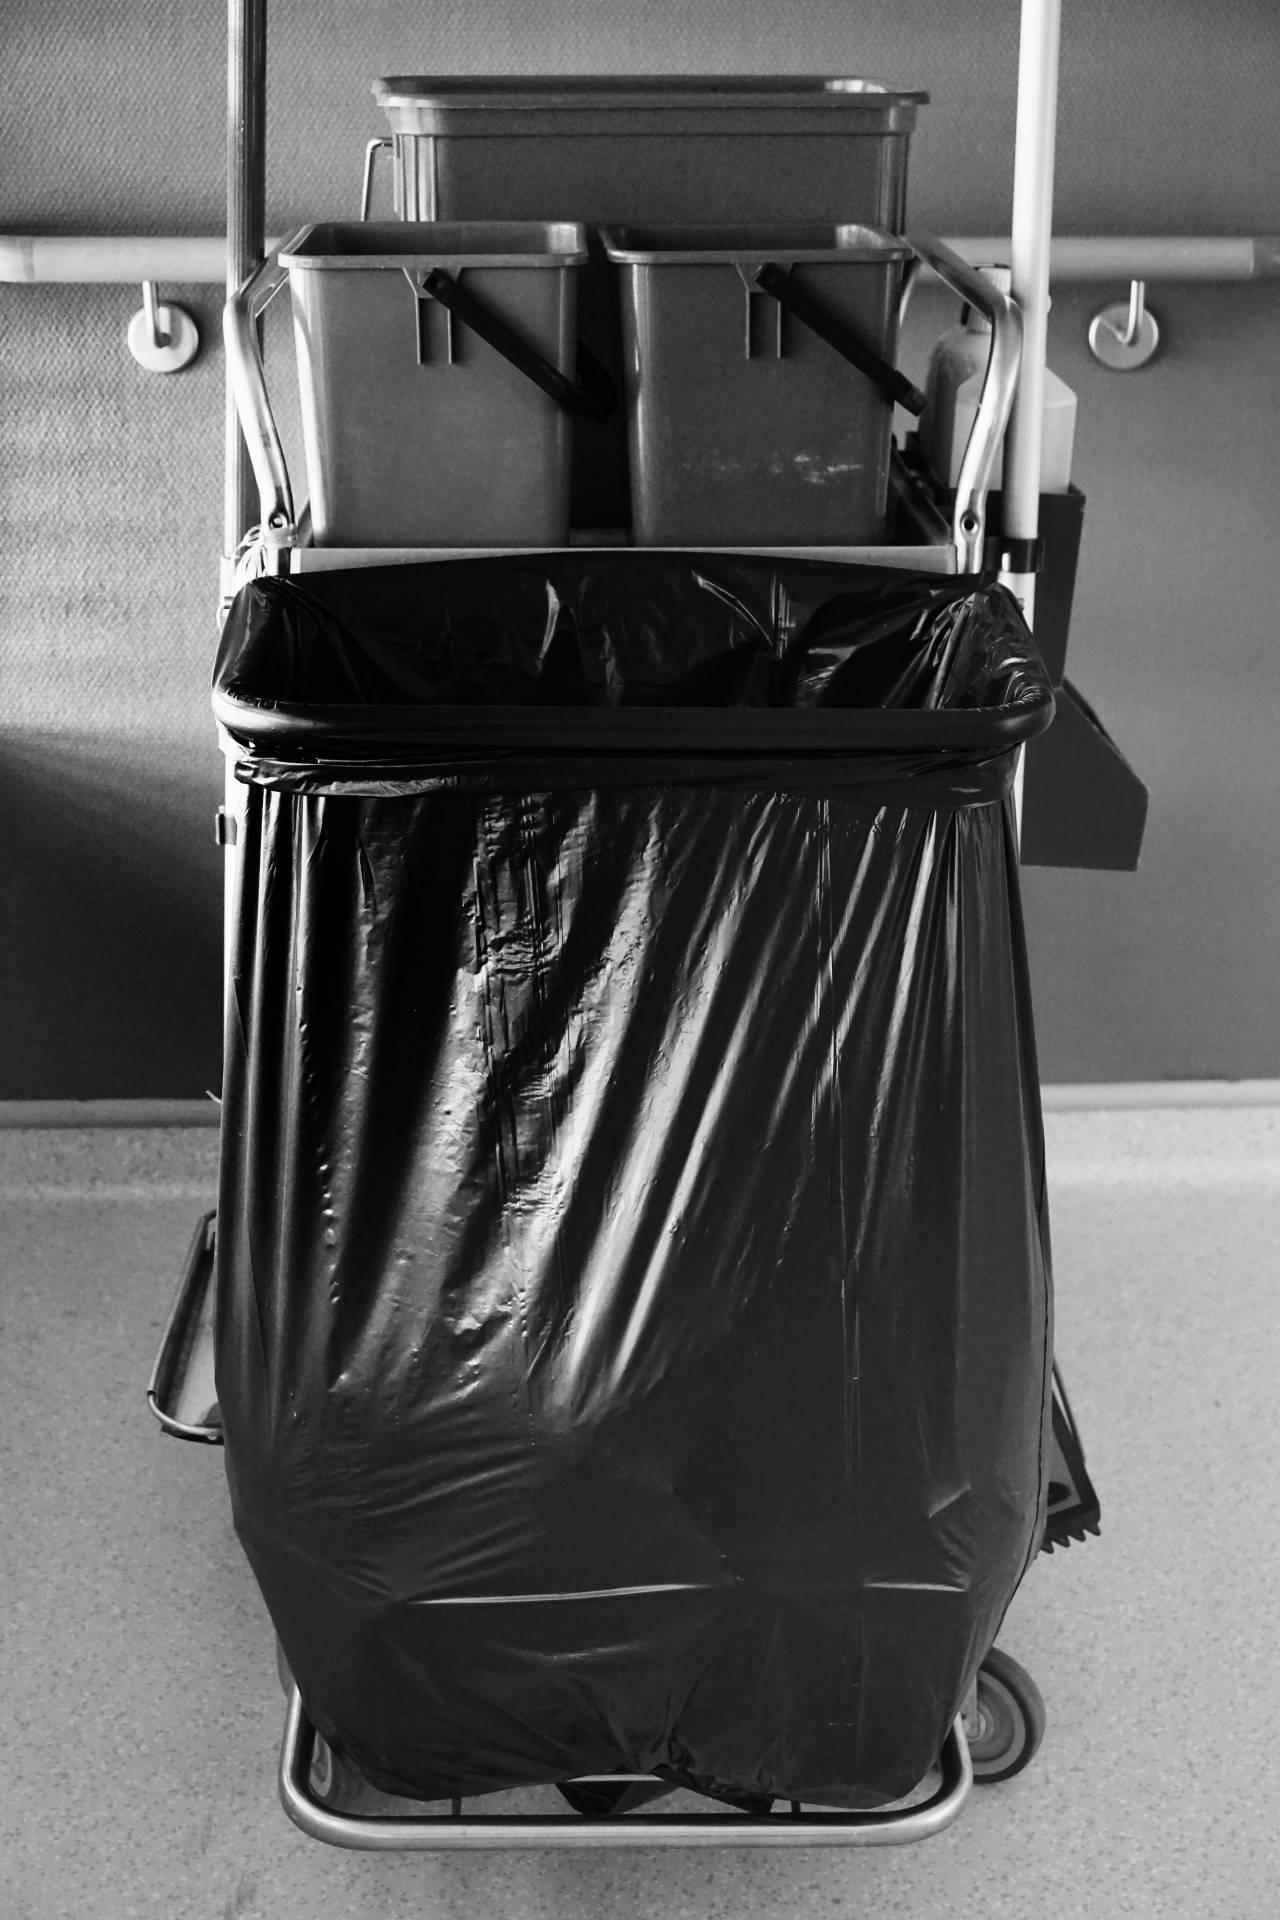 Personnes en situation de handicap, ARCADE vous propose un service d'enlèvement de vos déchets